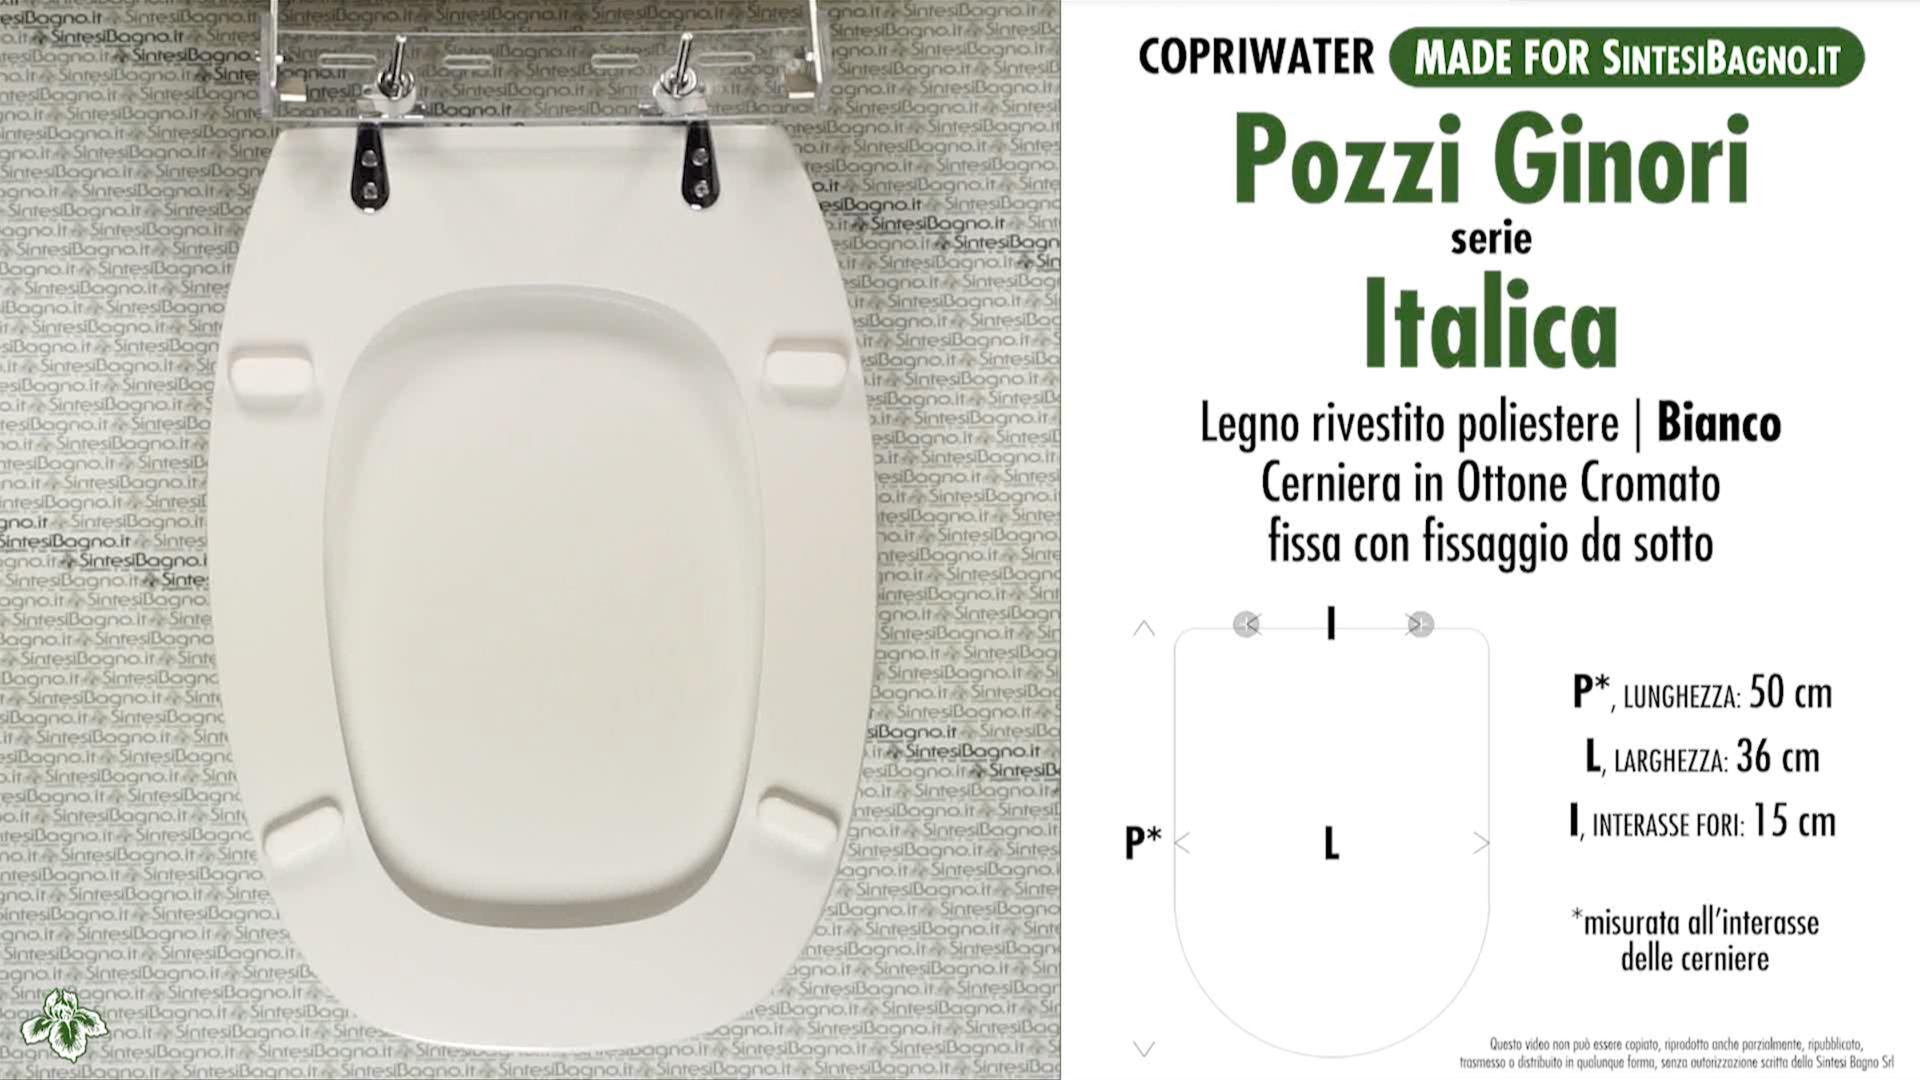 SCHEDA TECNICA MISURE copriwater POZZI GINORI ITALICA